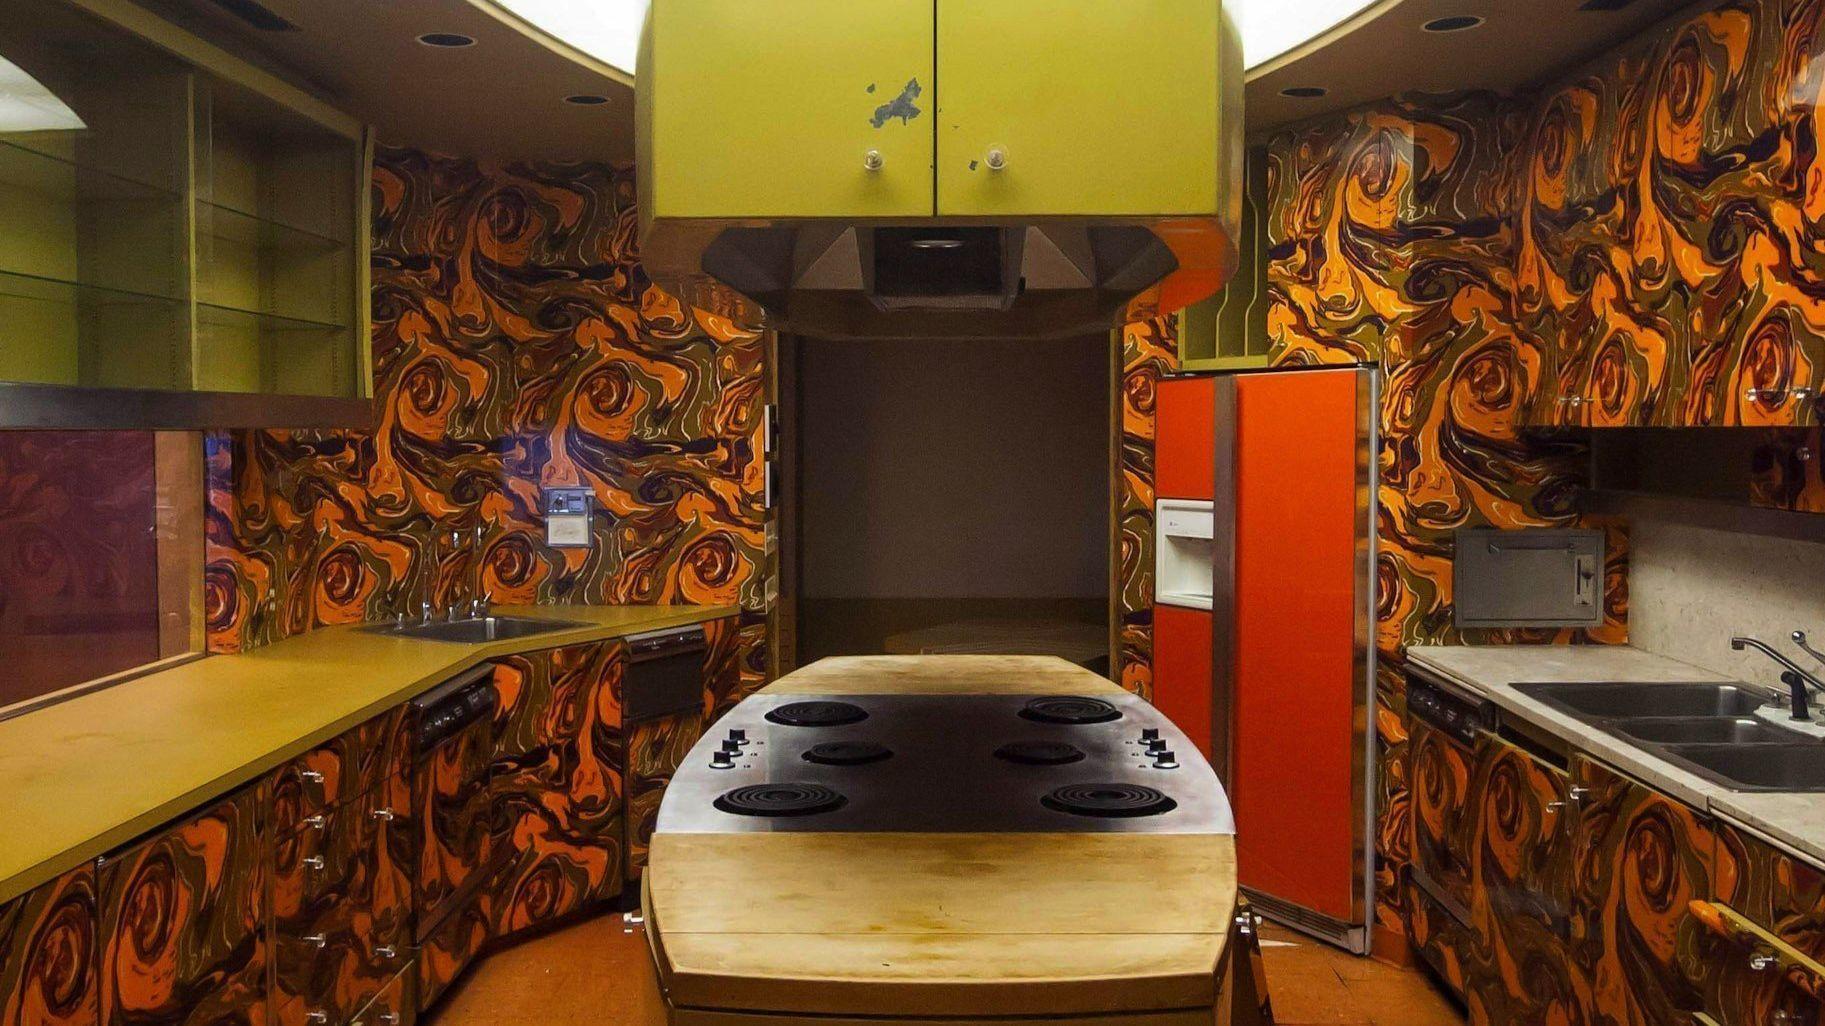 Ebony magazine's iconic test kitchen is moving to New York